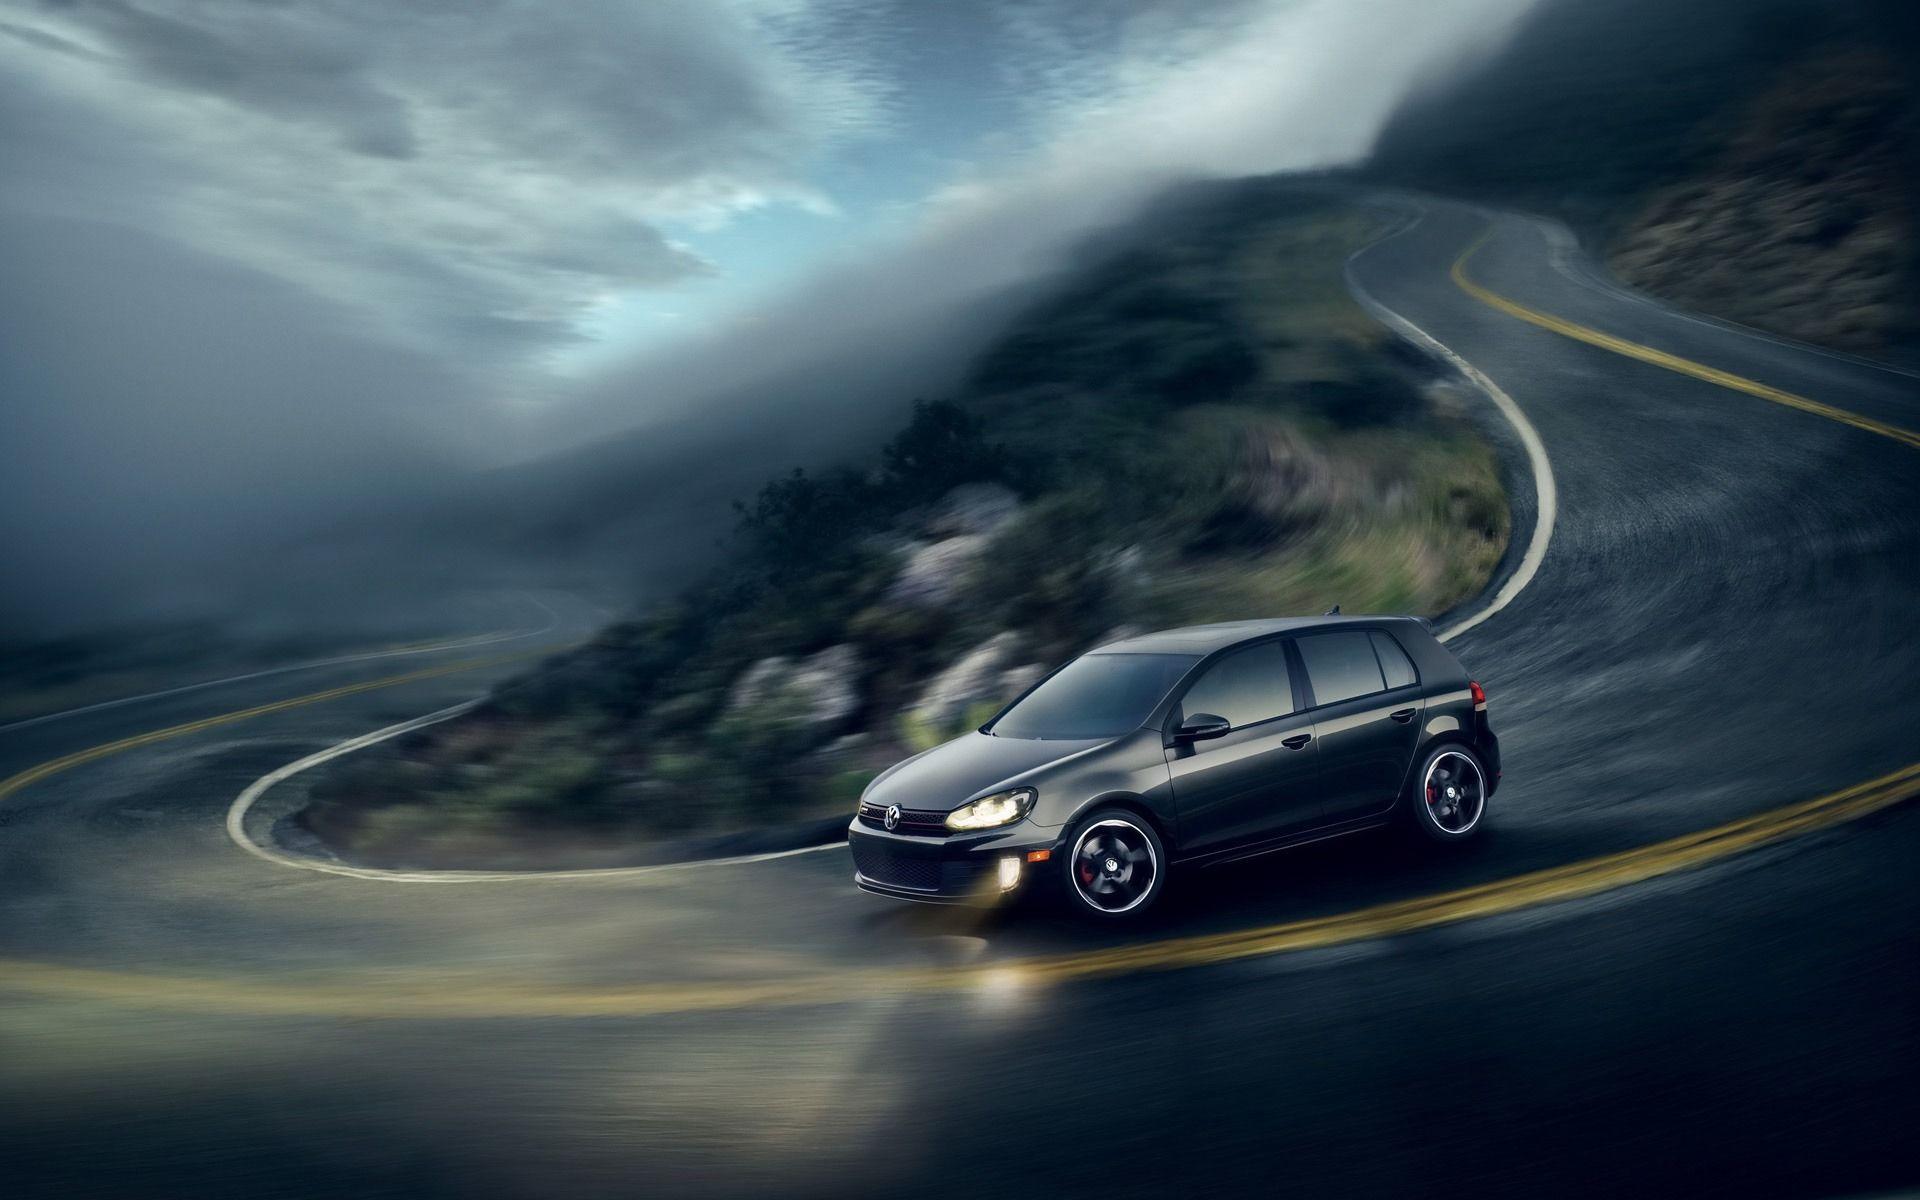 Golf 6 On Road Fog Golf Vw Road Misterauto Piecesauto Volkswagen Golf Volkswagen Golf Gti Volkswagen